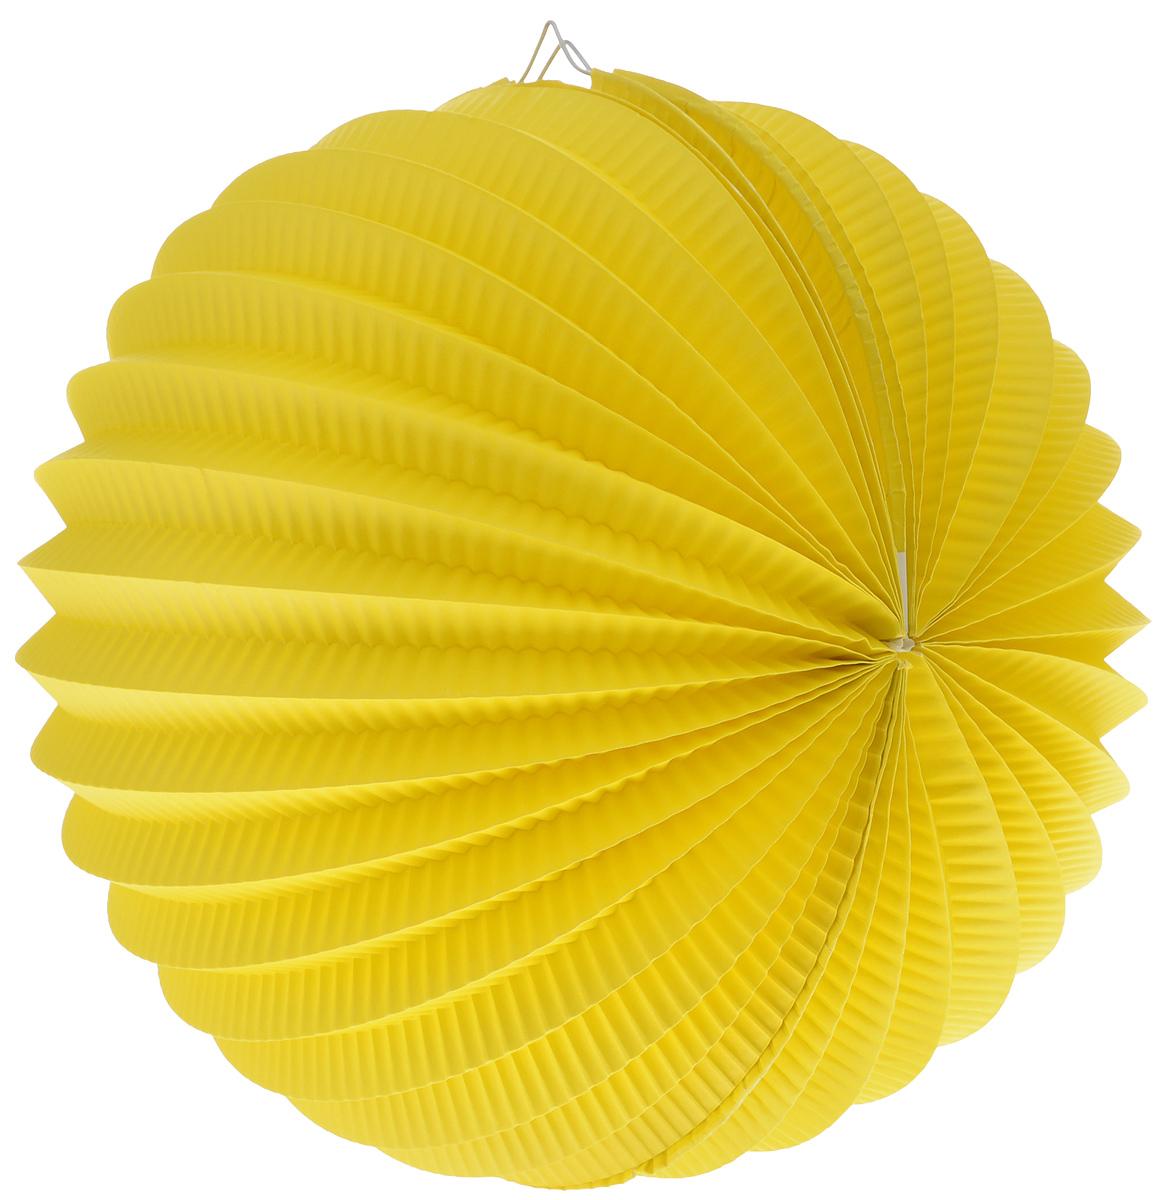 Фонарик бумажный Susy Card, цвет: желтый, диаметр 22 см11141967_желтыйЯркий гофрированный бумажный фонарик Susy Card, выполненный в виде шара, оснащен металлическим креплением, благодаря которому изделие можно подвесить в любом удобном для вас месте. Фонарик Susy Card украсит интерьер любого помещения и предаст неповторимую атмосферу радости вашему торжеству. Диаметр фонарика: 22 см.